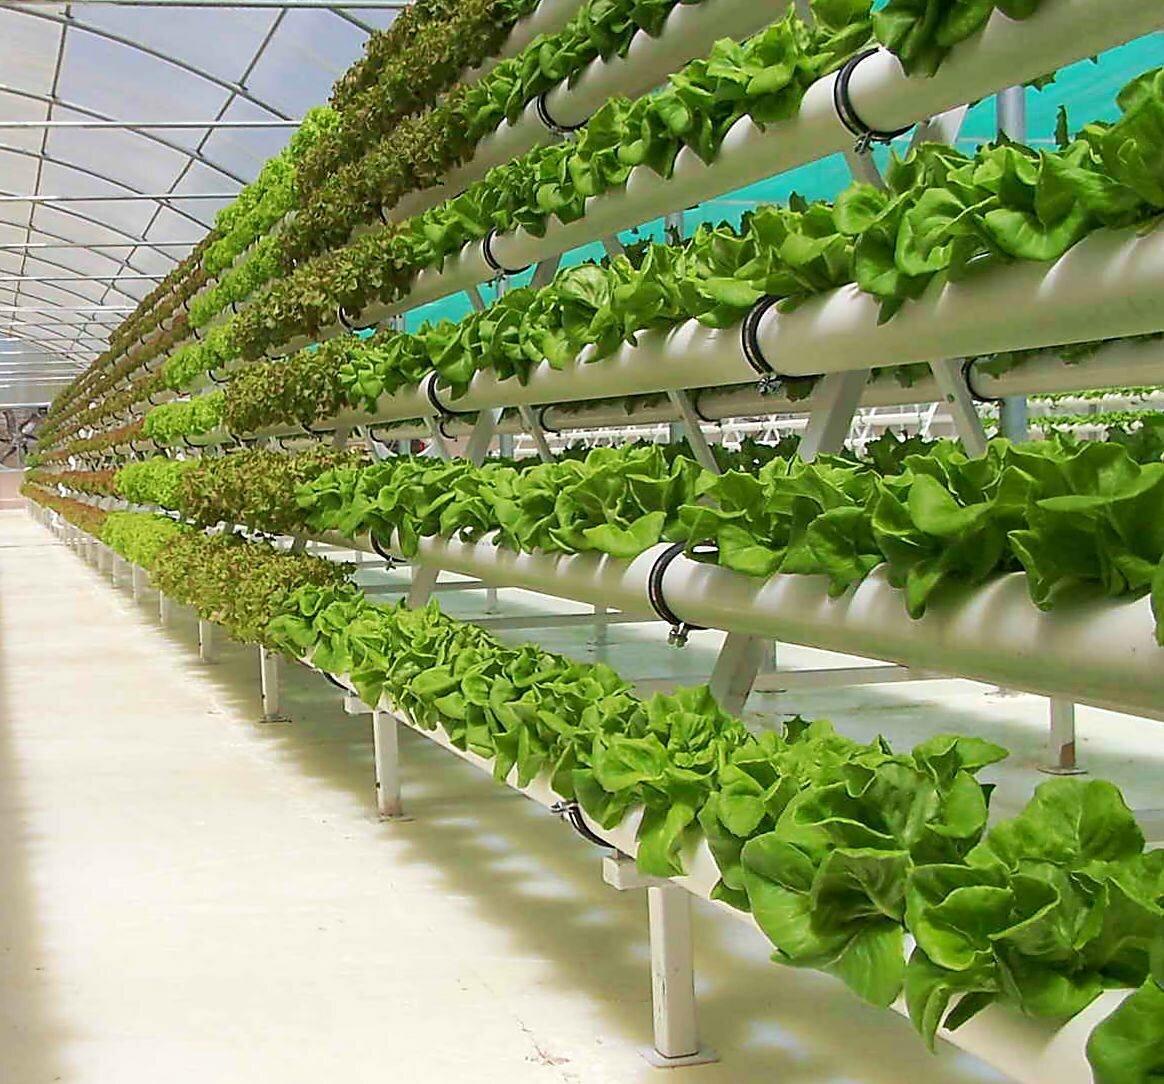 бизнес на зелени в теплице форум